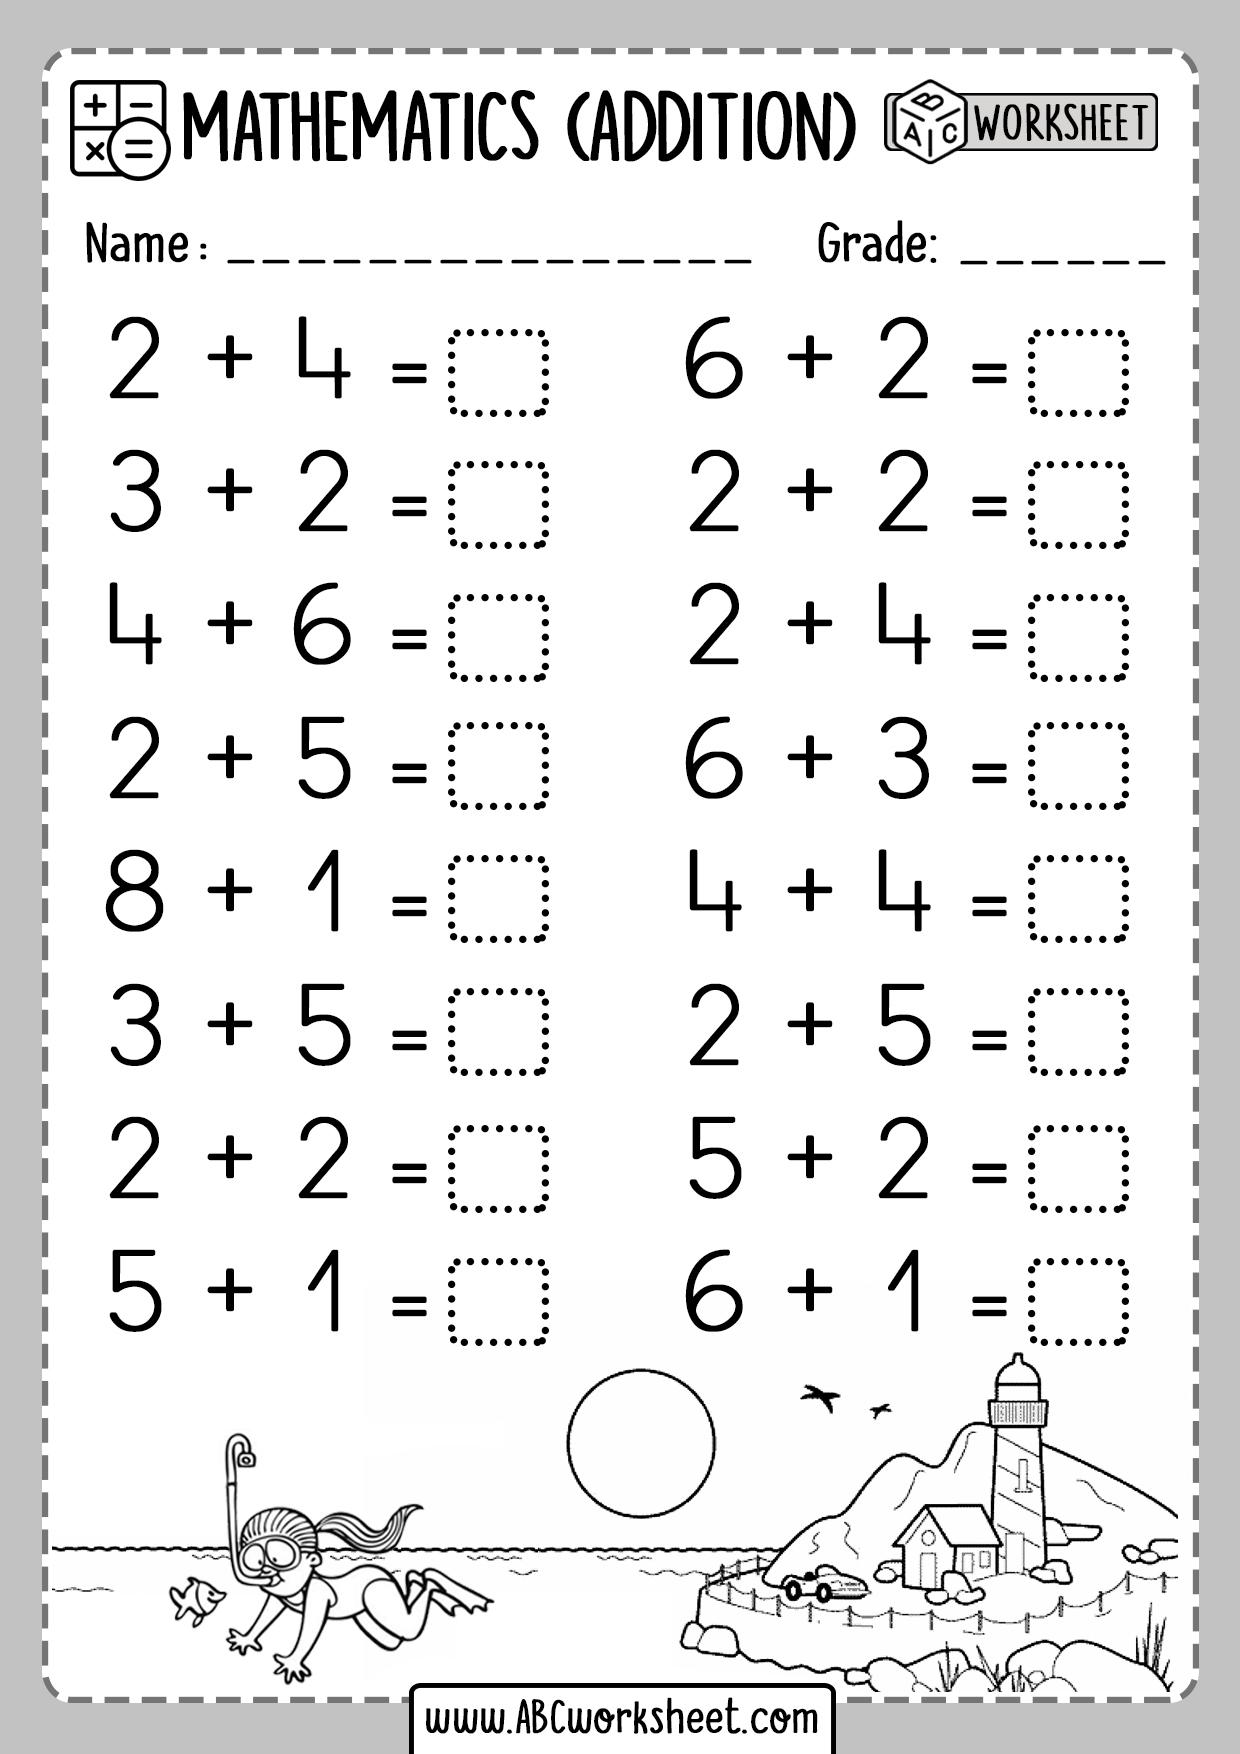 Kindergarten Addition Worksheets 1 Digit - ABC Worksheet